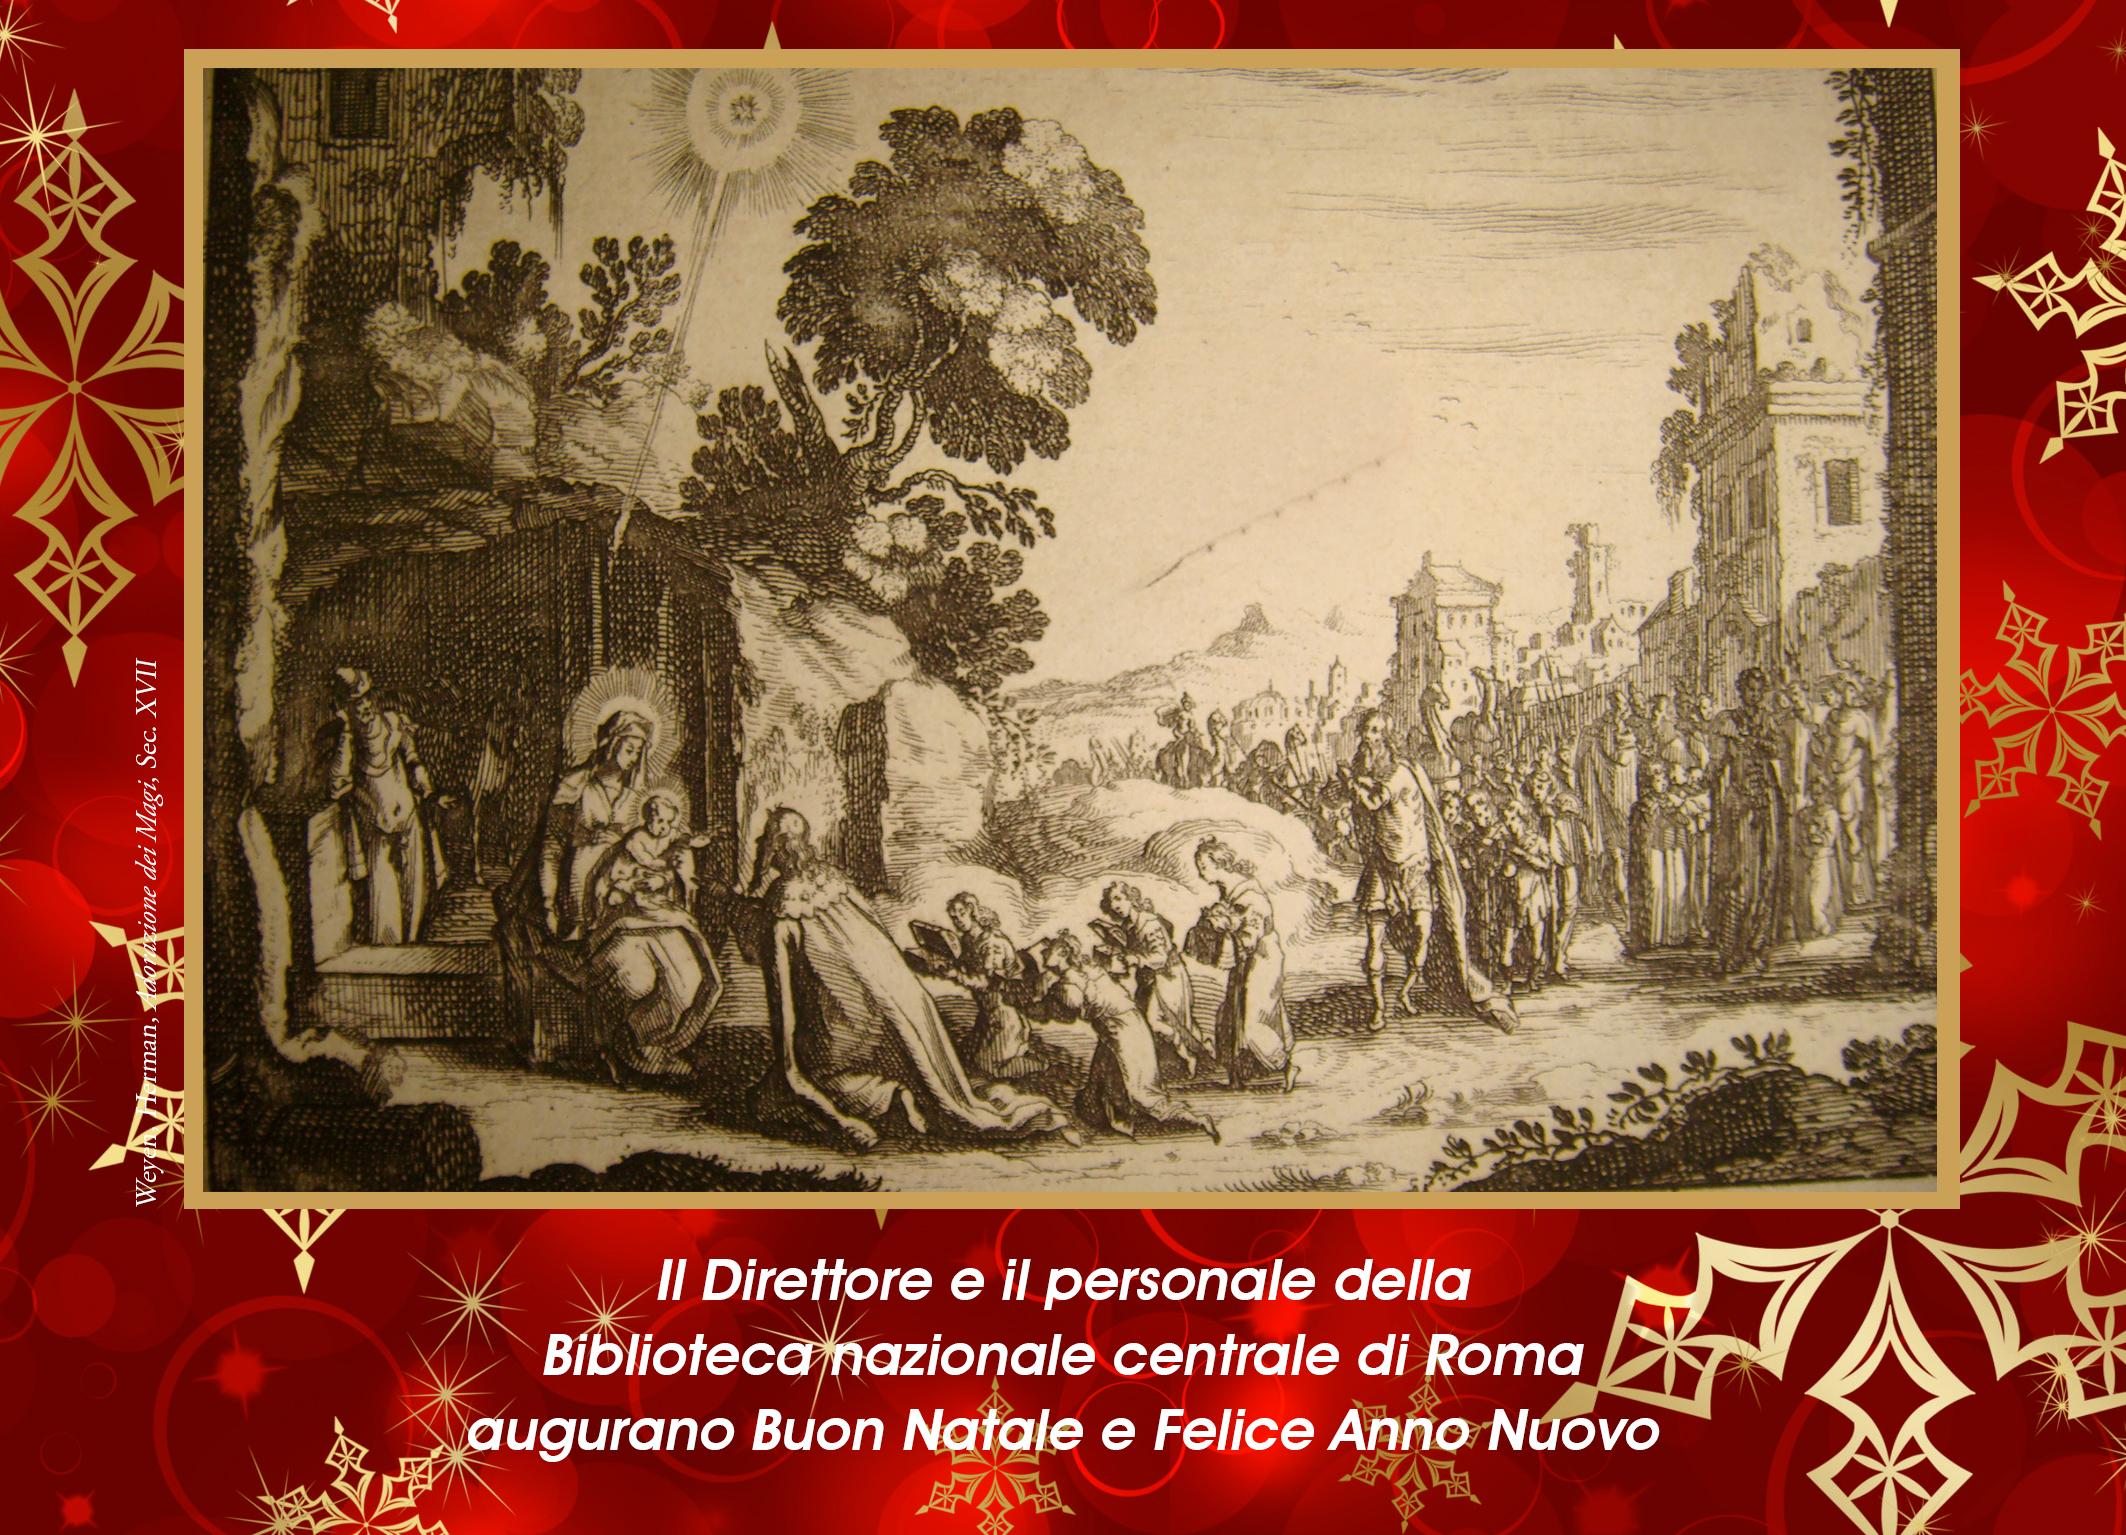 Auguri Di Natale 105.Auguri Di Natale Biblioteca Nazionale Centrale Di Roma